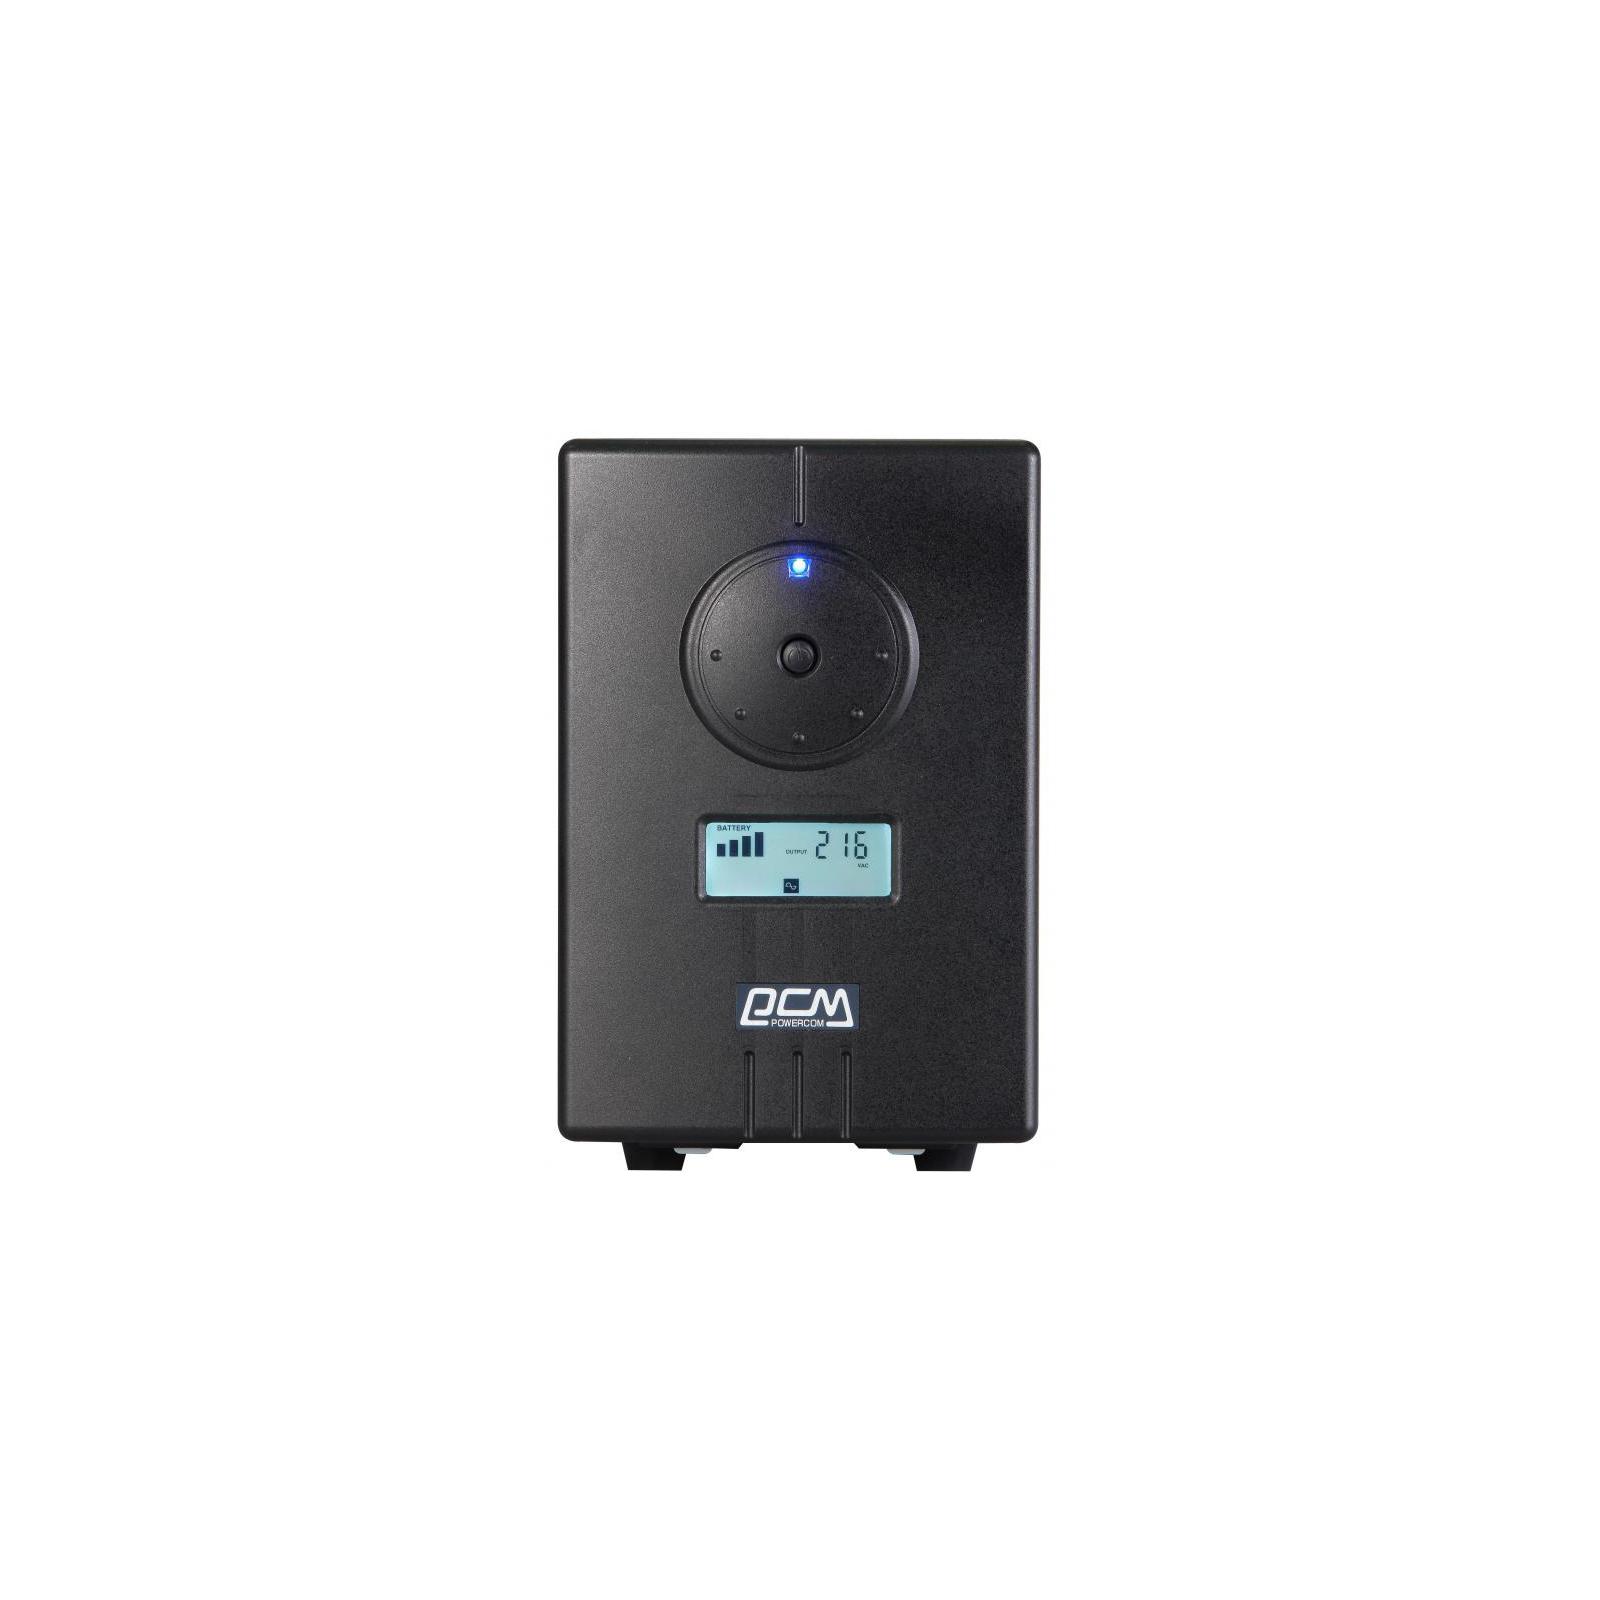 Источник бесперебойного питания Powercom INF-500 (INF-500 AP) изображение 2